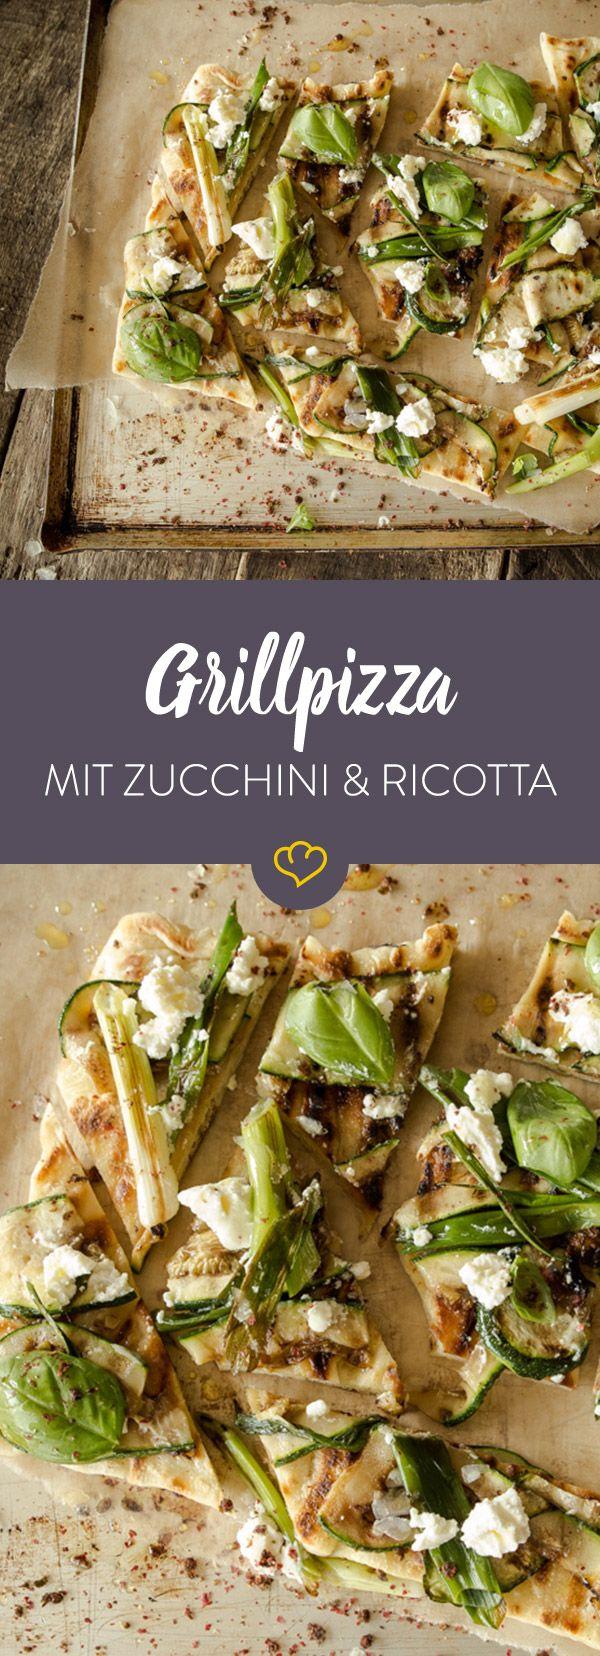 Grillpizza mit zucchini und ricotta